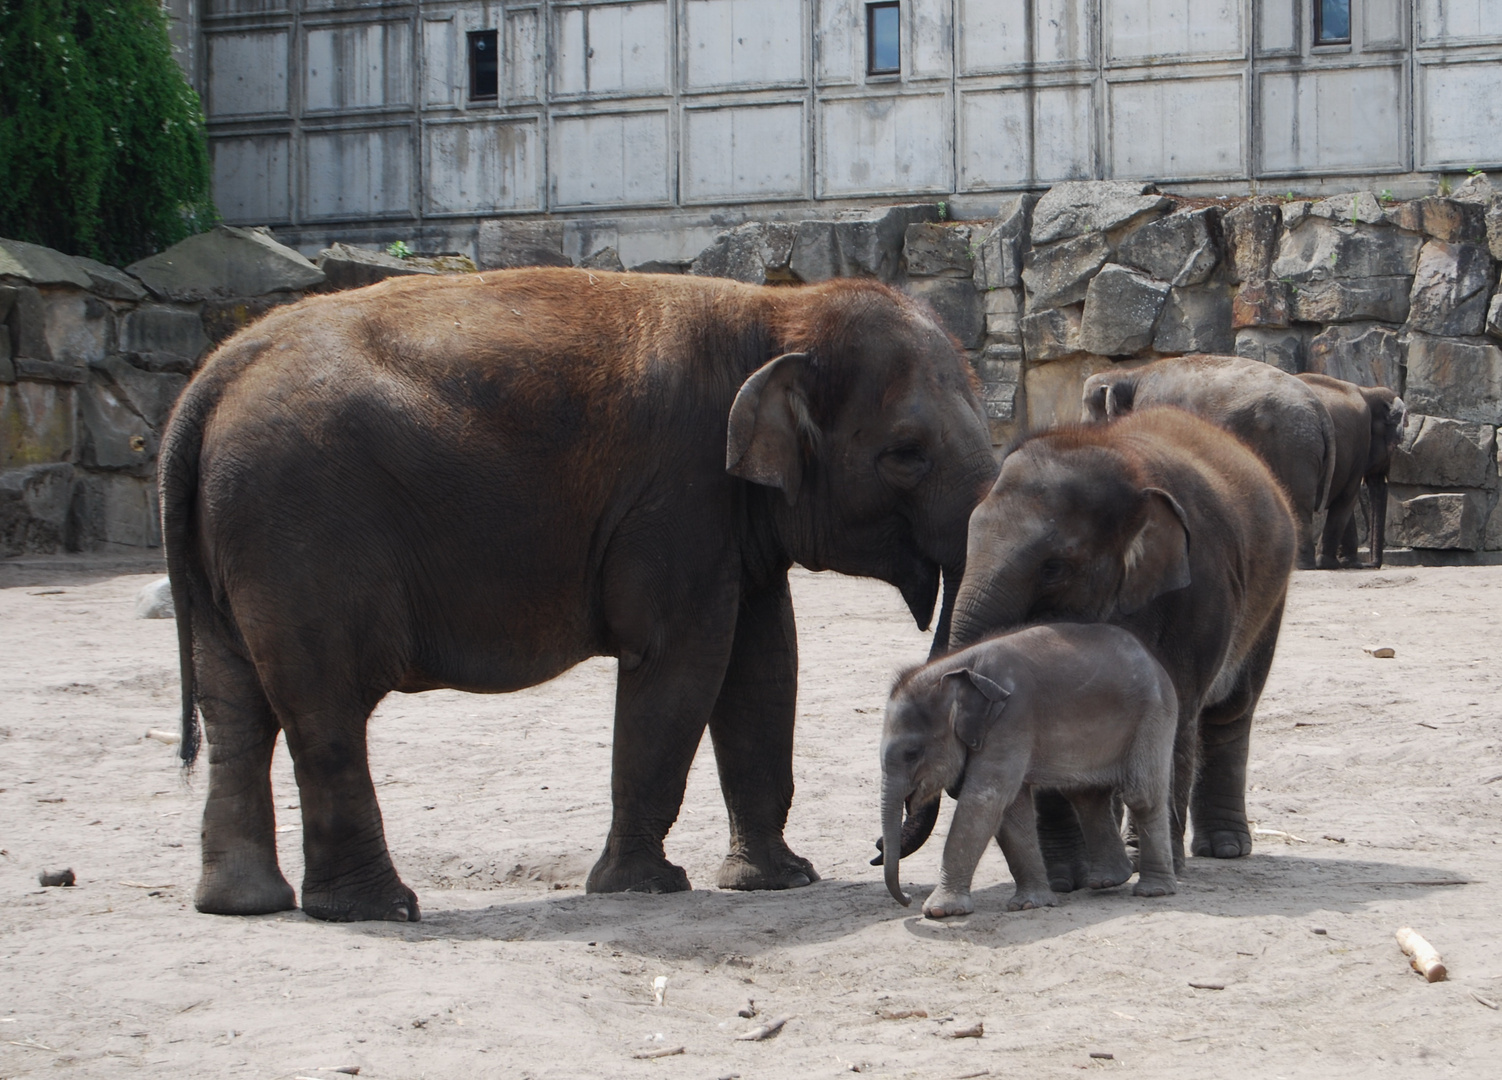 Elefantenkuh mit zwei Kälber im Tierpark Berlin- Friedrichsfelde